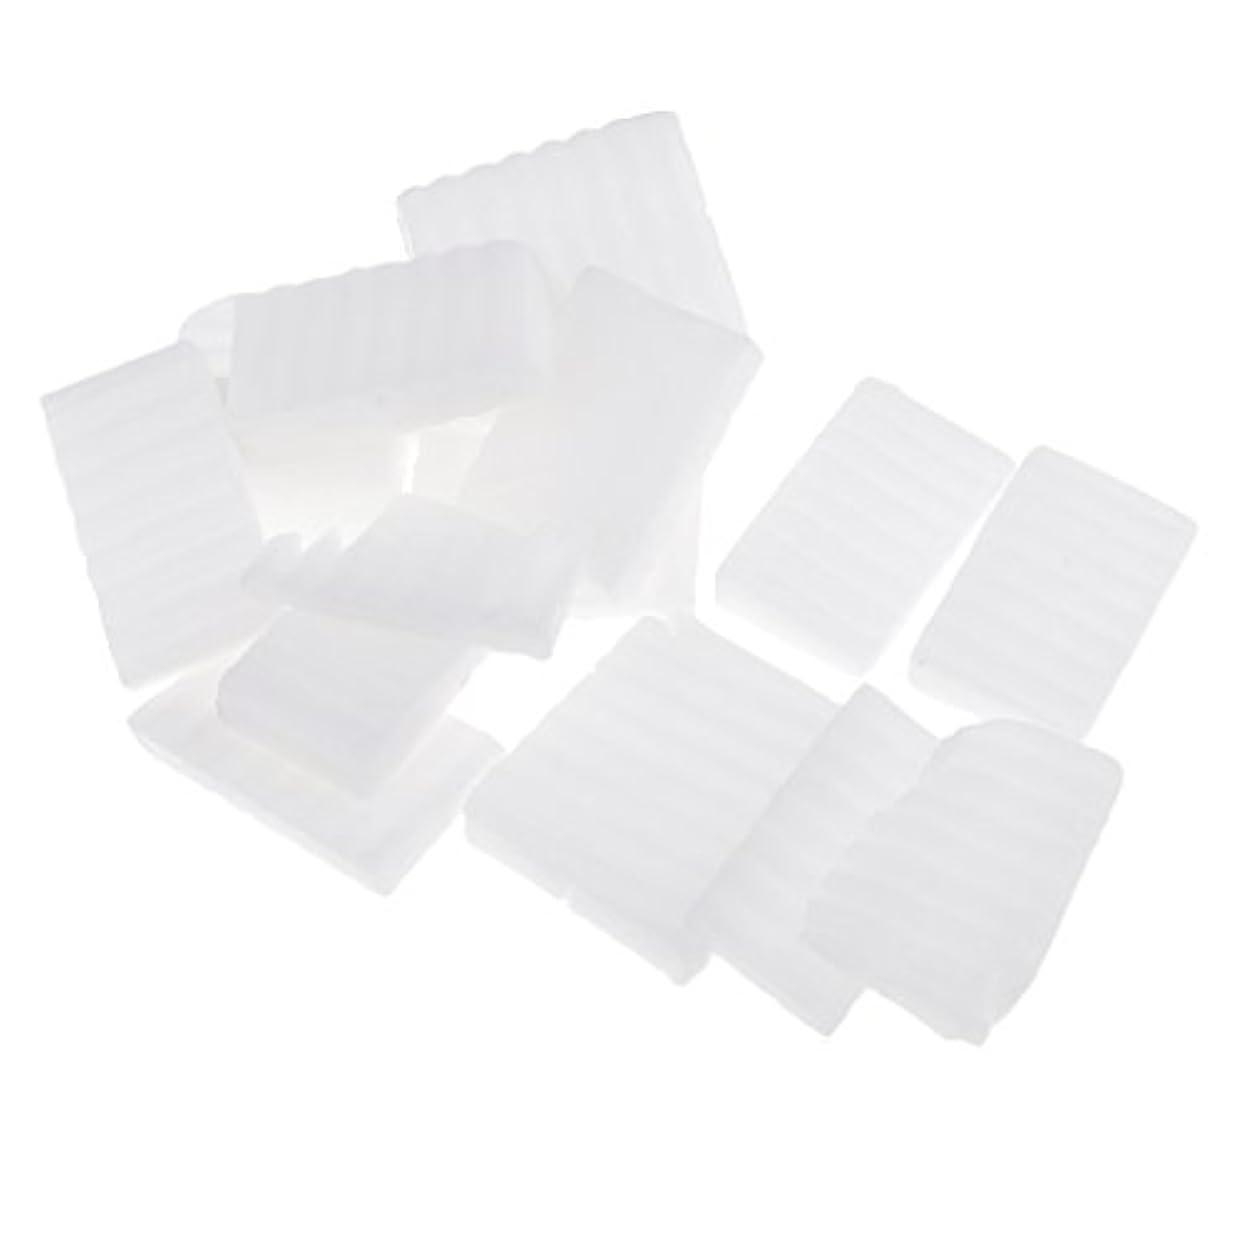 ジェットセーター有料Perfk 白い 石鹸ベース DIY 手作り 石鹸 材料 約500g 手作り 石鹸のため